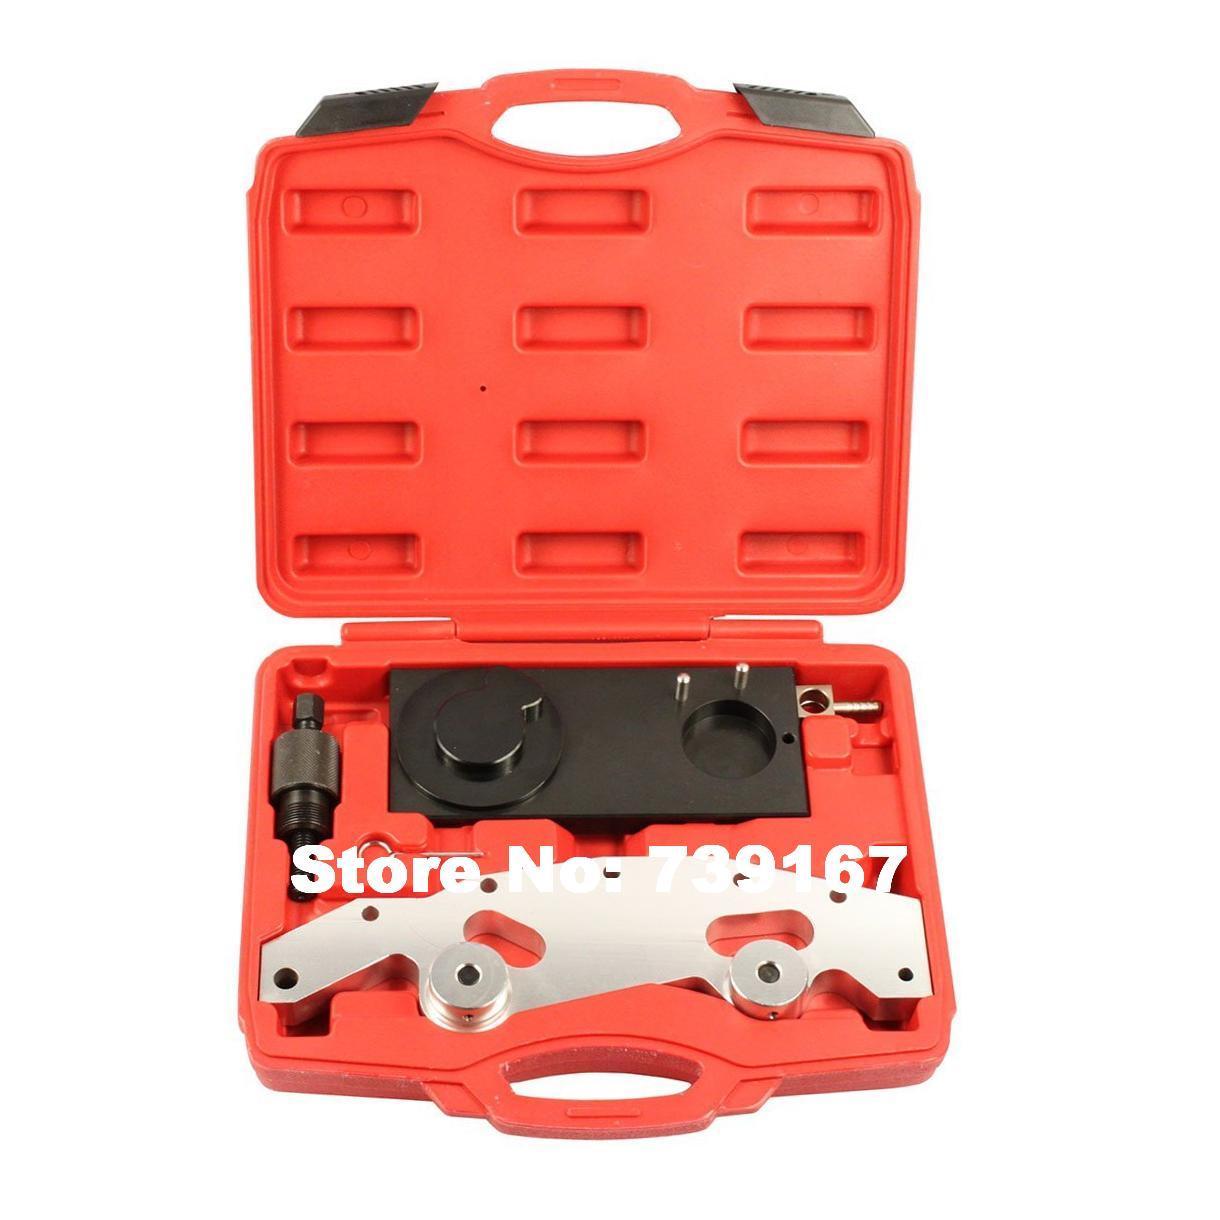 Moteur automatique Double Vanos arbre à cames verrouillage alignement synchronisation réparation Garage trousse à outils pour BMW M52TU 54 56 ST0074